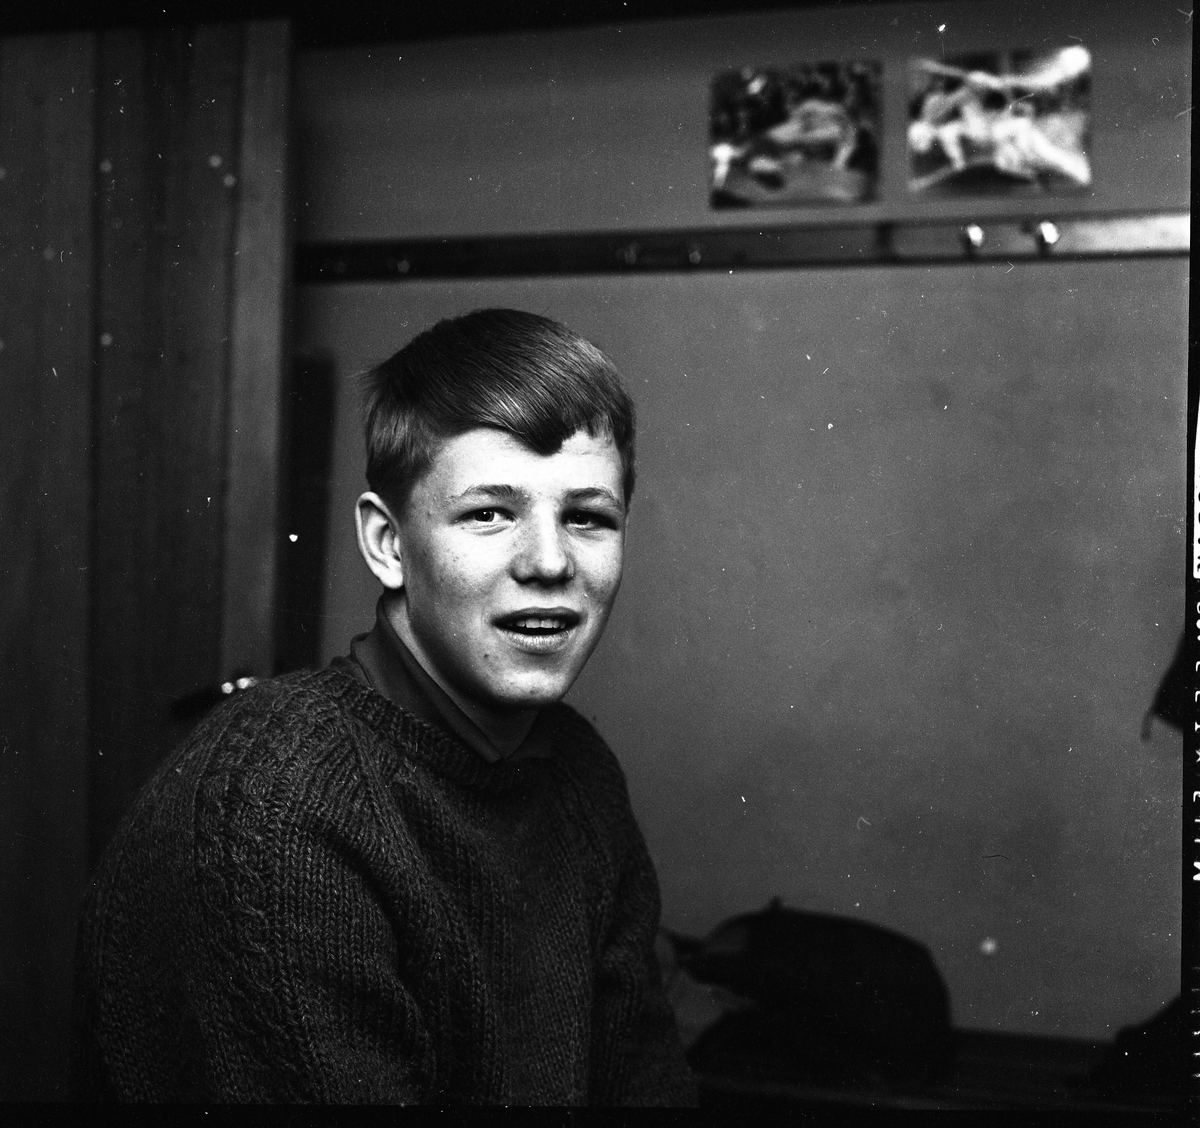 Leif Andersson. Brottare. Porträtt av ung man.